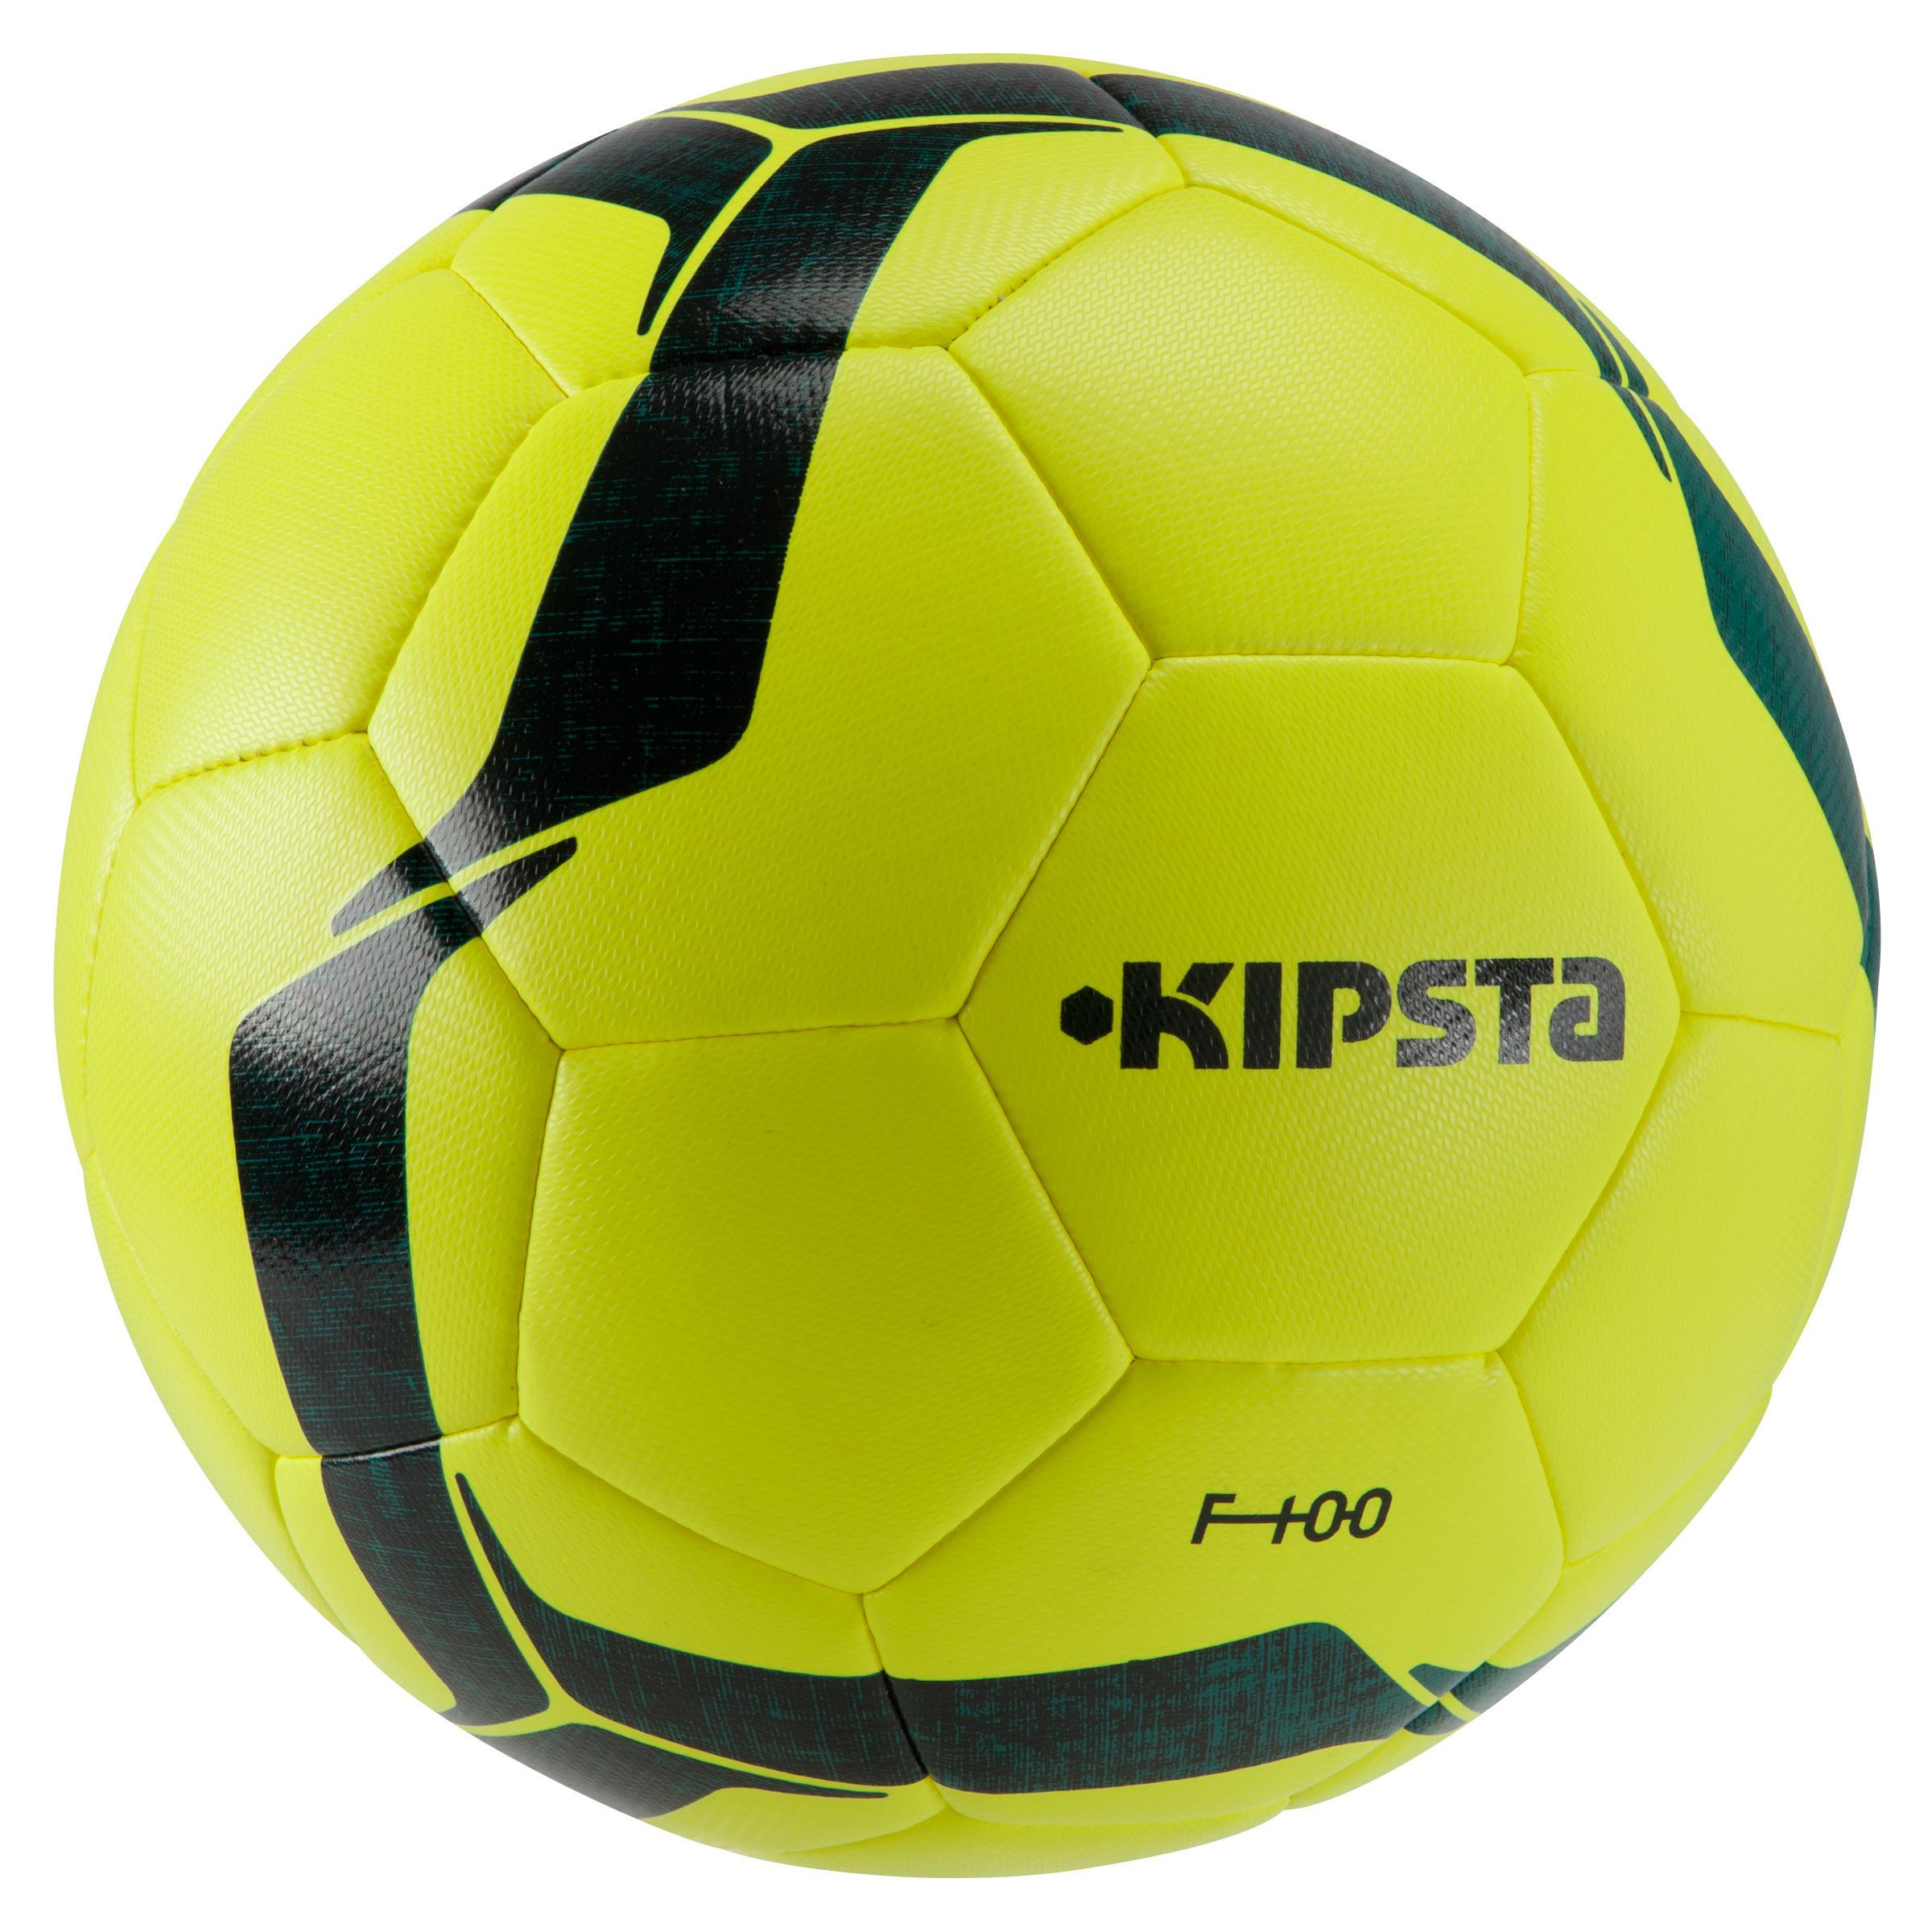 Football ball Size 5 F100 Hybrid - Yellow